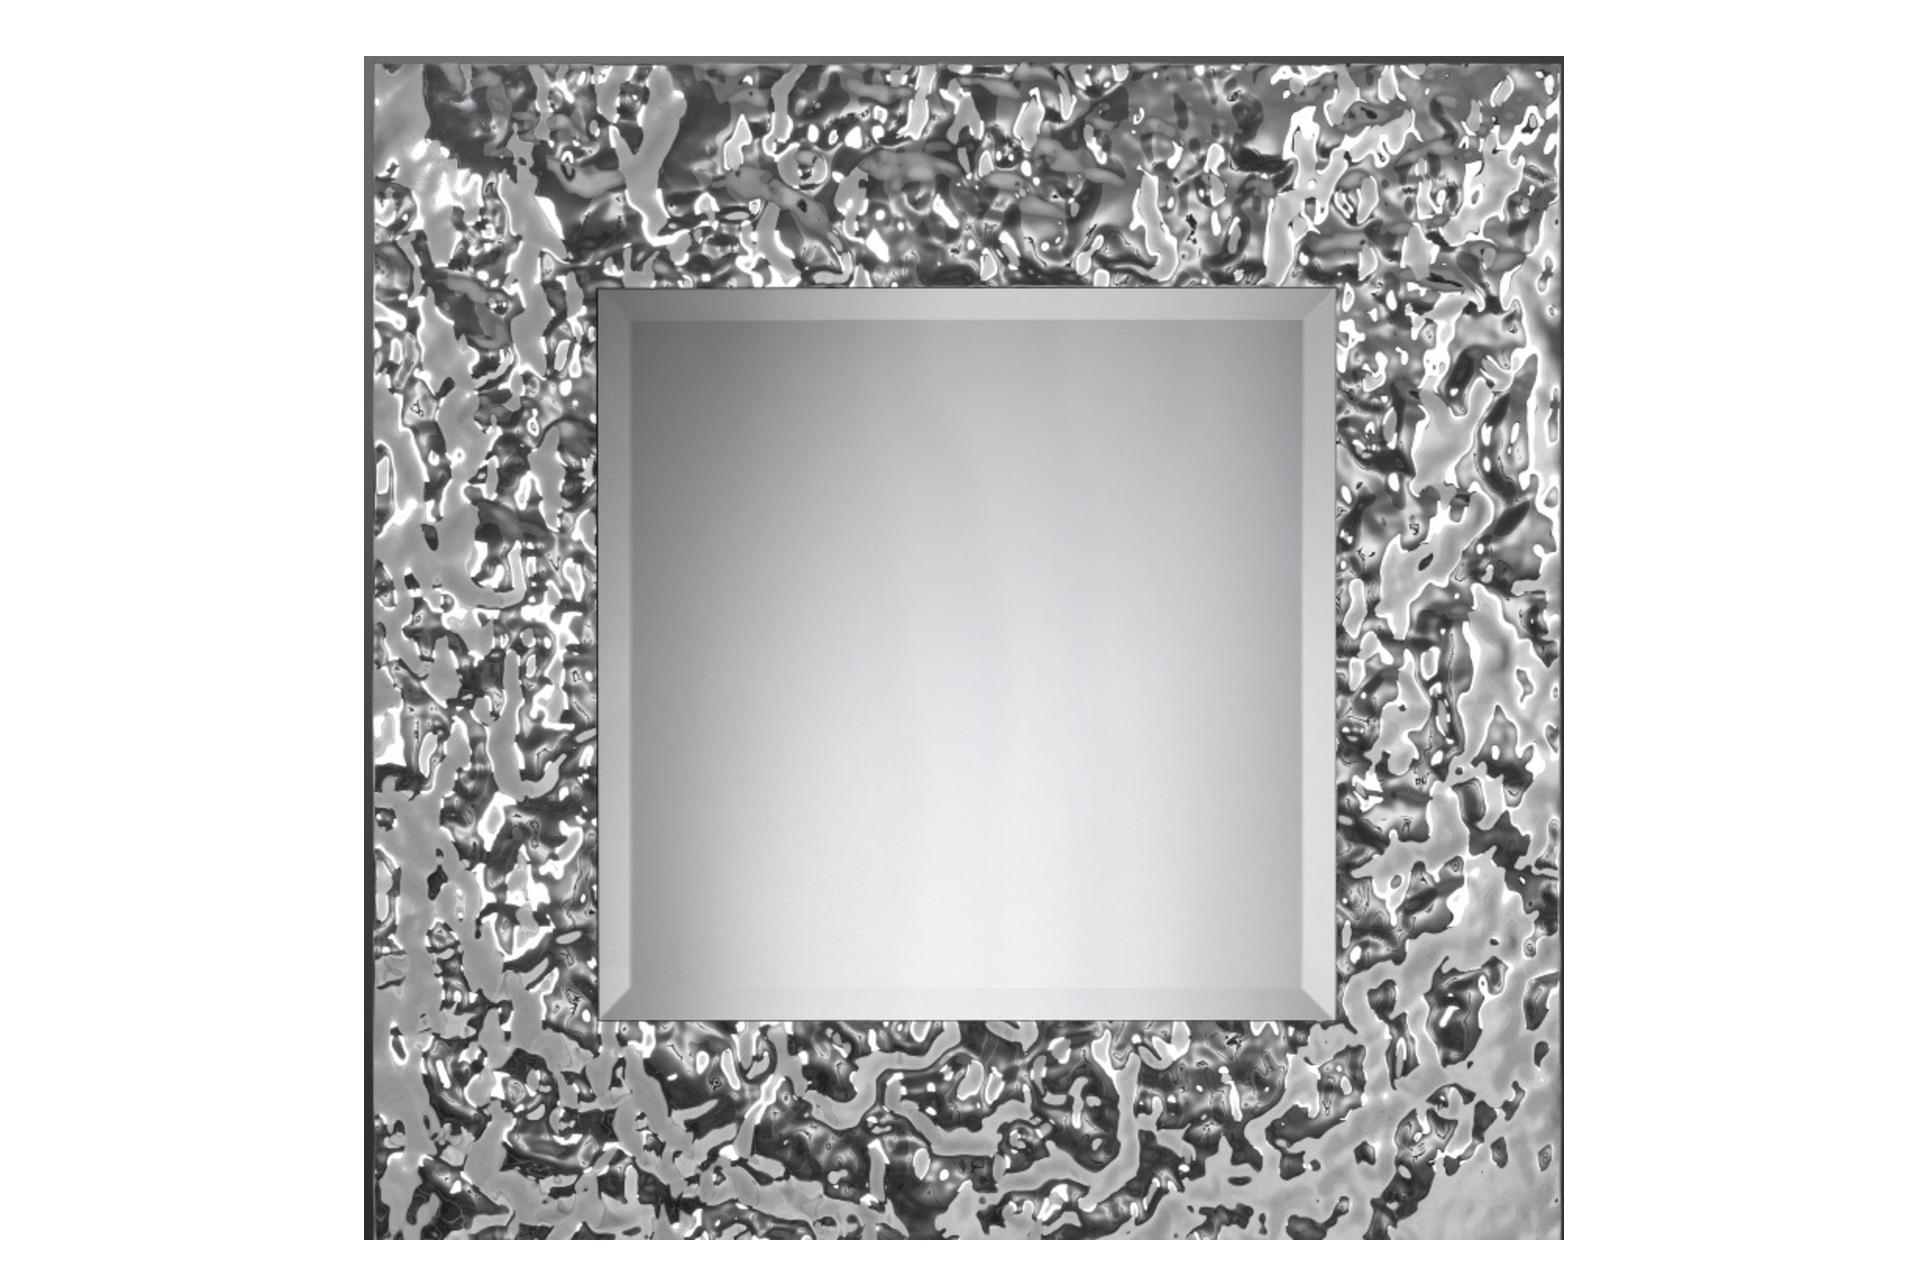 Зеркало Квадрат AquaНастенные зеркала<br>Квадратное зеркало в величественном обрамлении из стекла легко станет предметом гордости в вашем доме. Зеркало само по себе – уже эффектный декор. А уж если это, квадратное зеркало от Plusobject, то речь идет об уникальном продукте талантливых дизайнеров — братьев Фомичевых.  Обрамление зеркала имитирует поверхность воды, застывшую на долю секунды .  Зеркало в собранном виде и в комплекте есть крепления.<br><br>Material: Стекло<br>Глубина см: 5